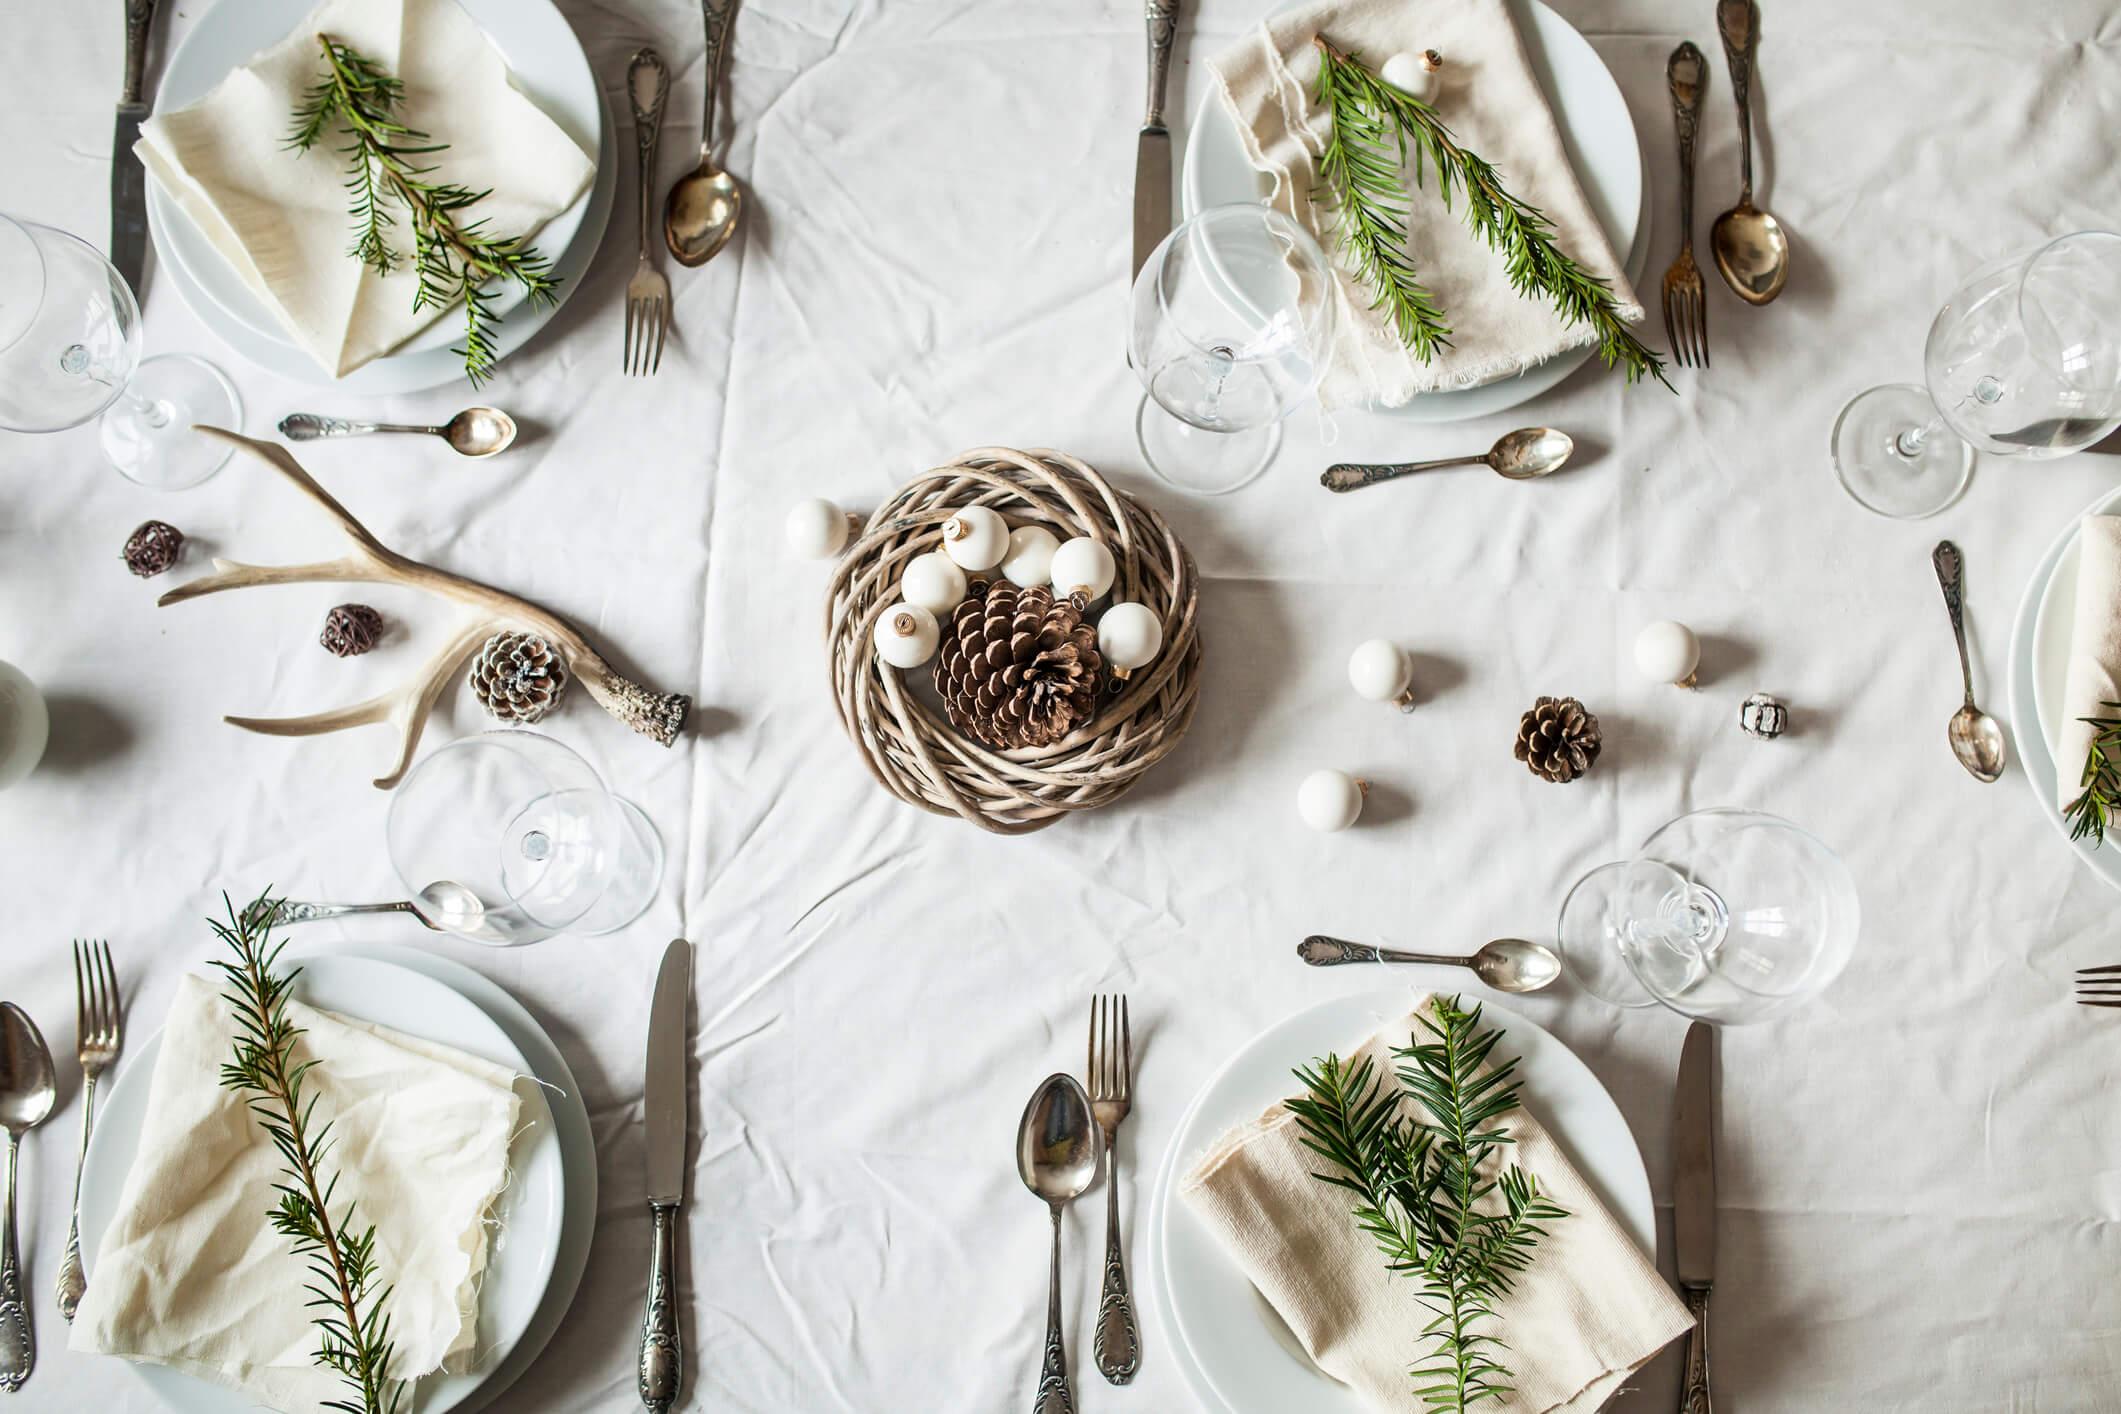 Новогодний переполох: как красиво украсить праздничный стол-320x180